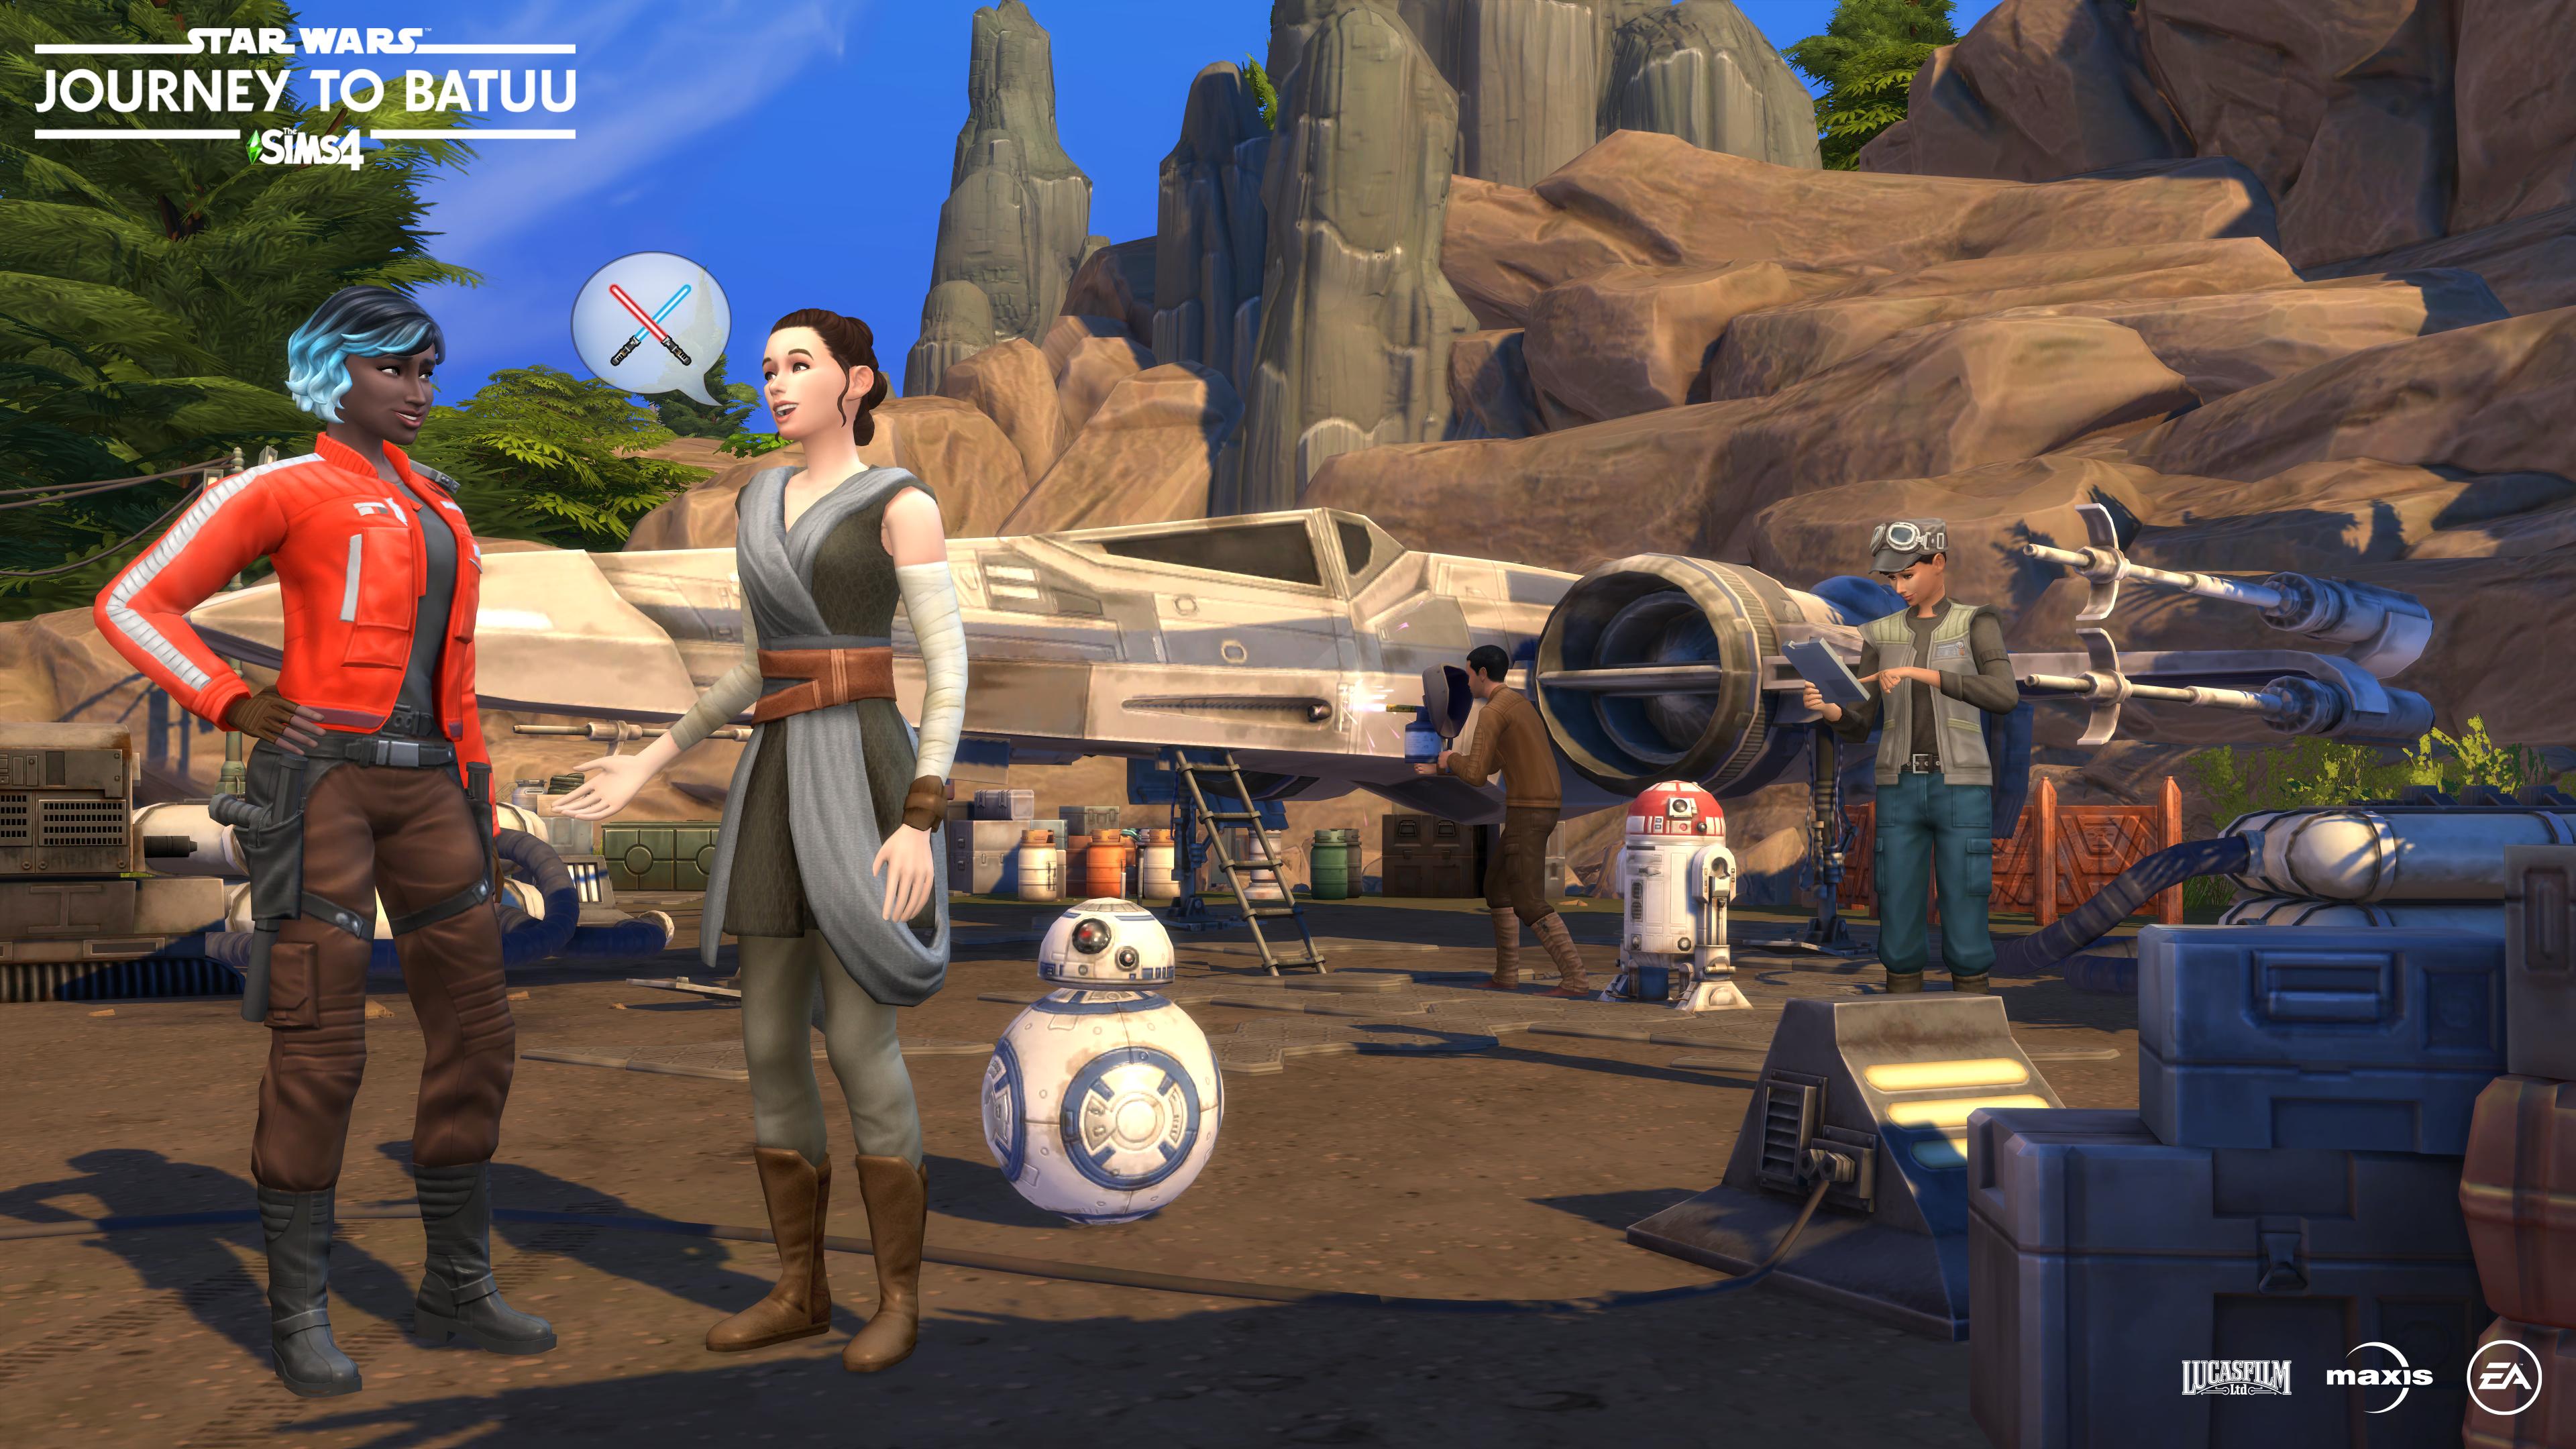 Sims Star Wars Batuu